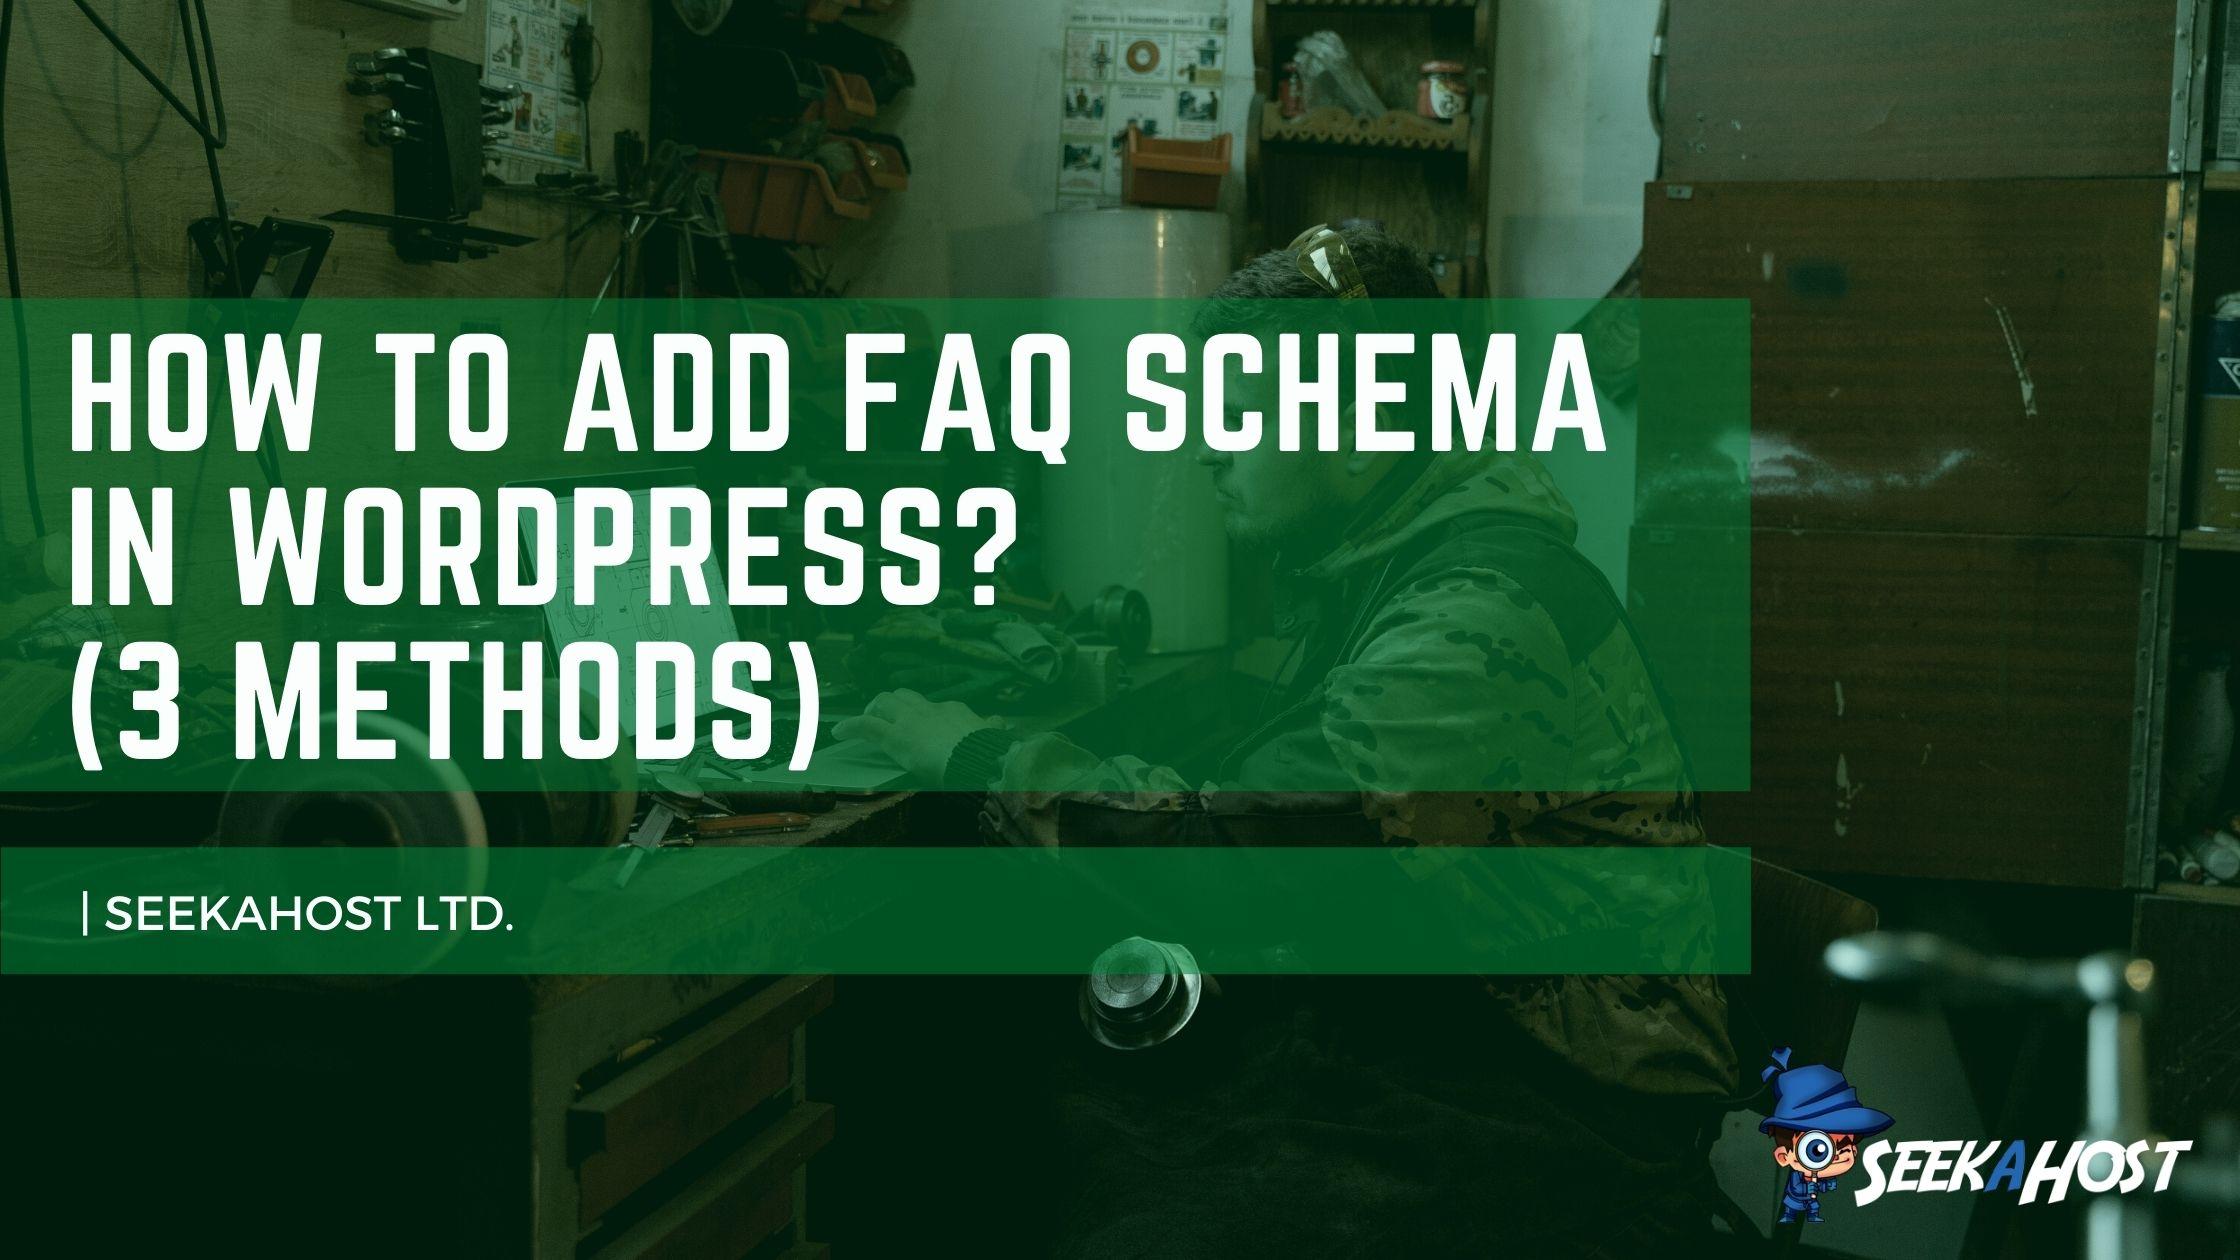 Add FAQ Schema in WordPress